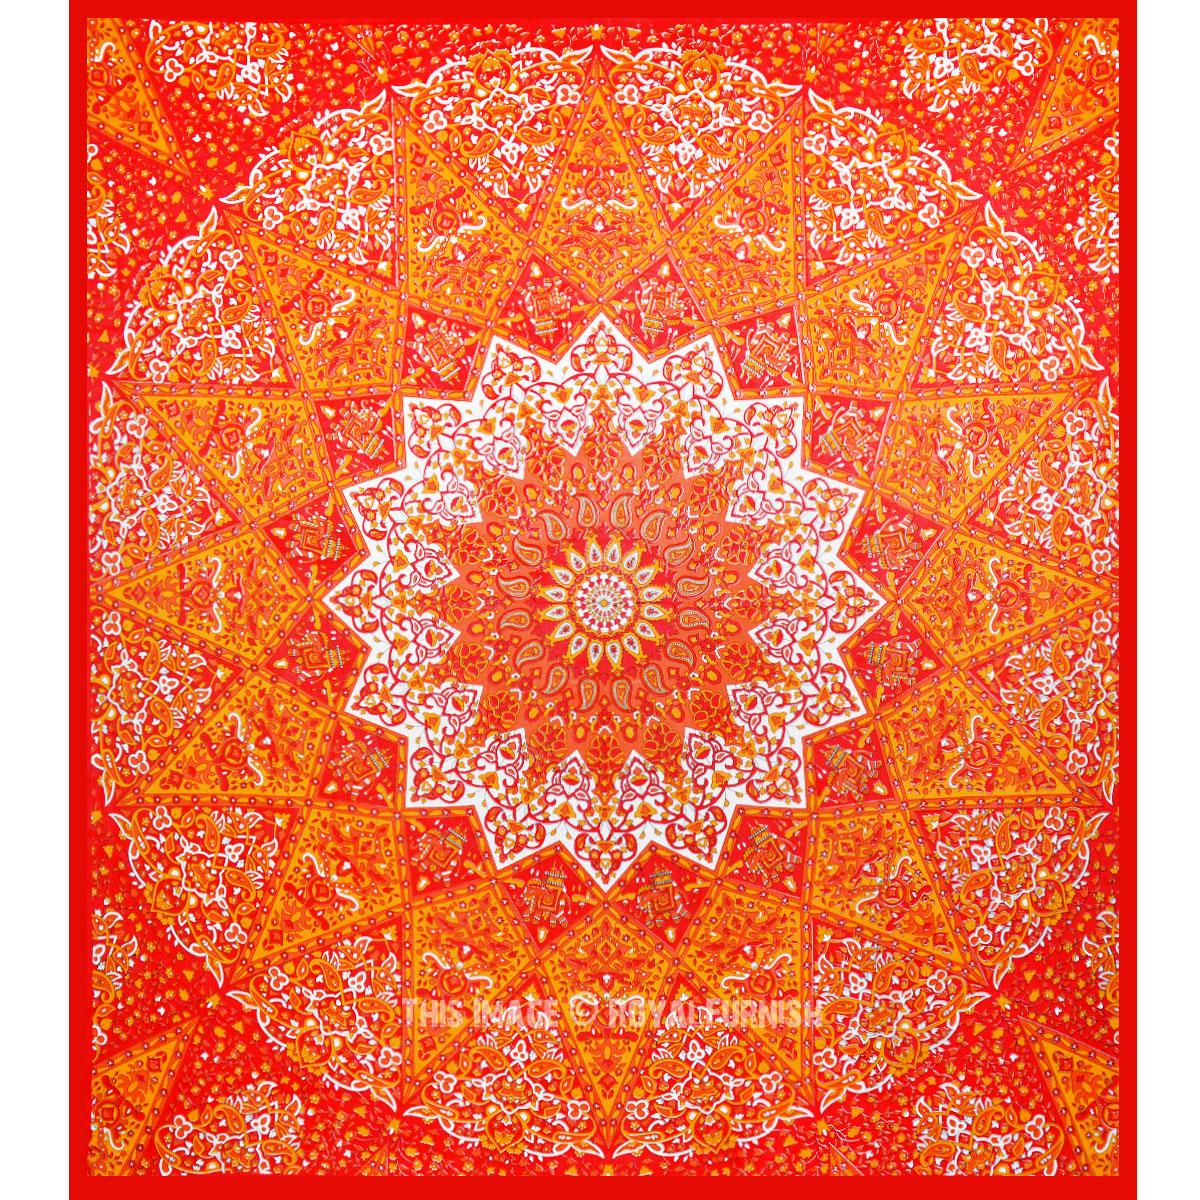 Vibrant Red 3 D Boho Star Medallion Mandala Tapestry